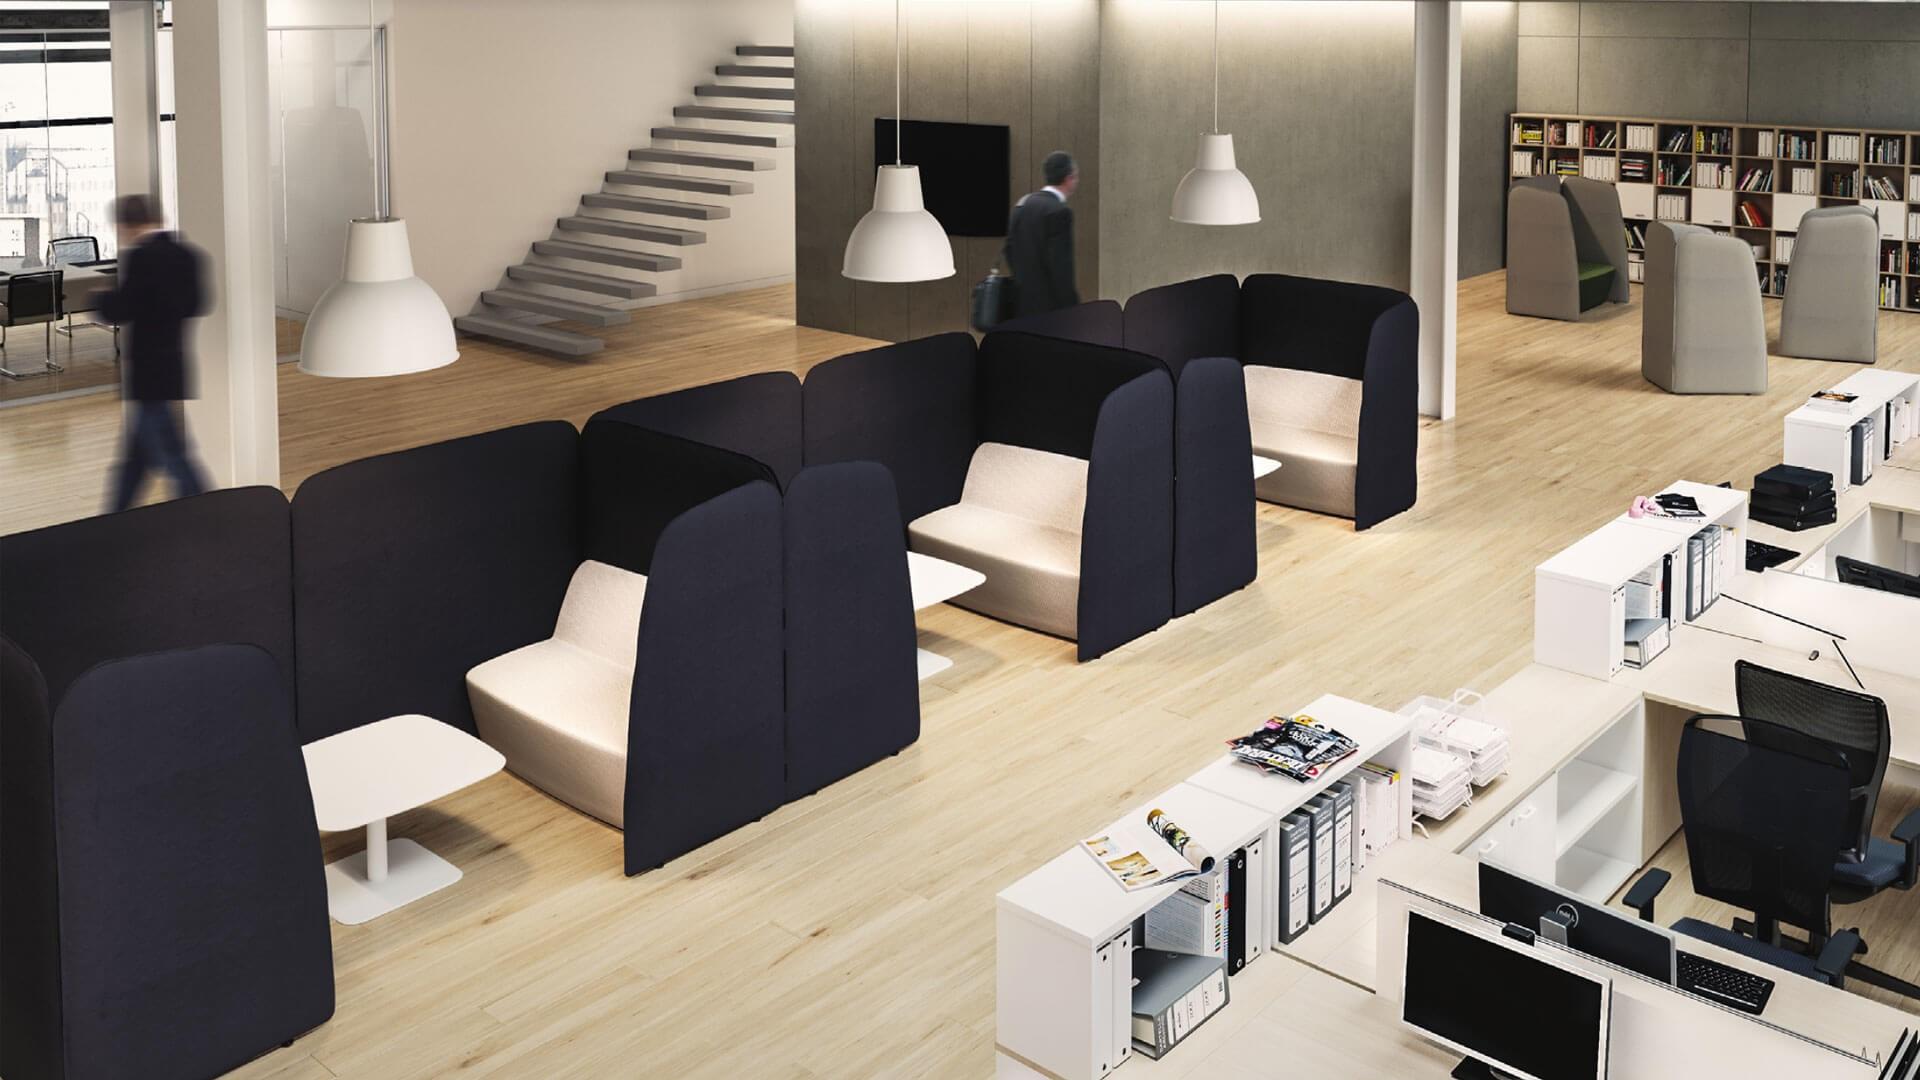 Willtex pisos de madera muebles de oficina alfombras for 5 muebles de oficina